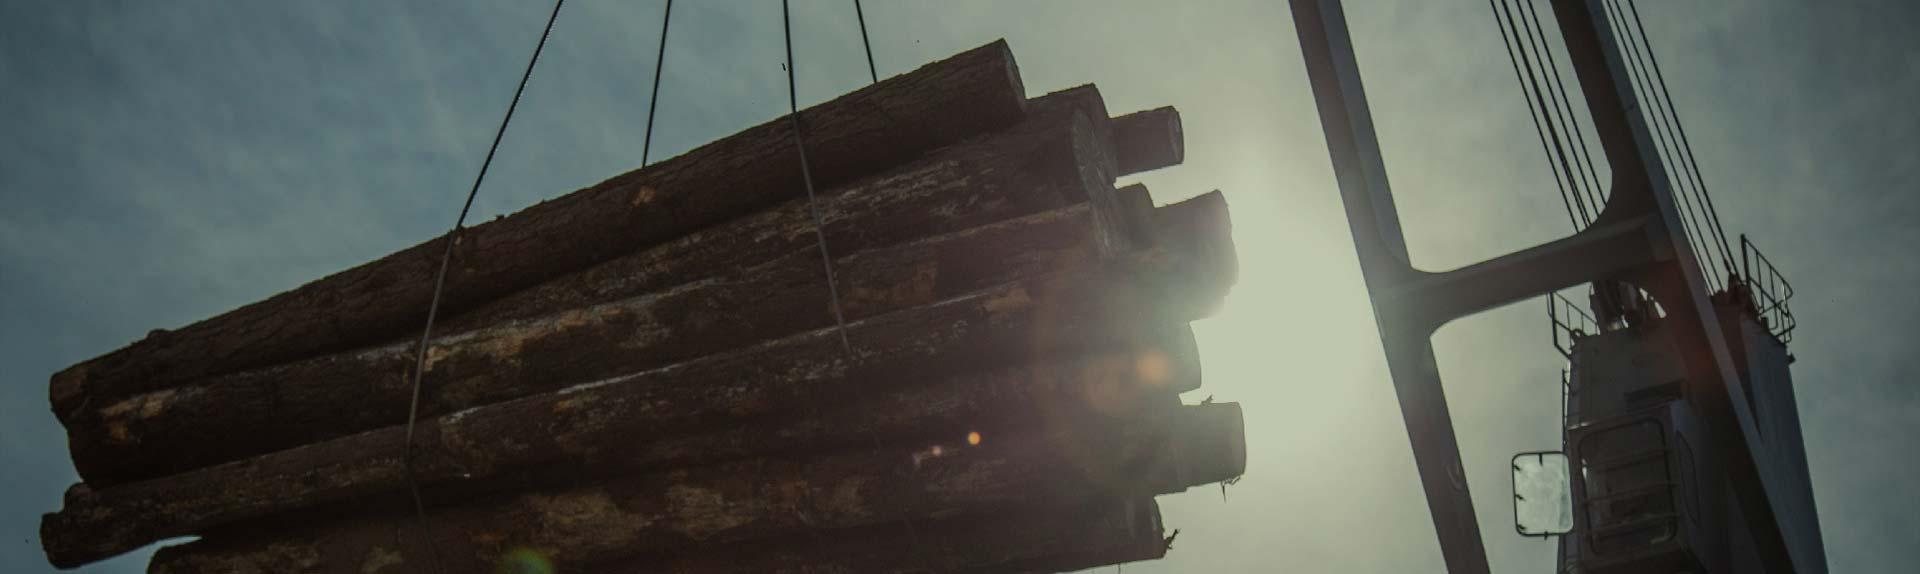 grúa descargando troncos en un camión